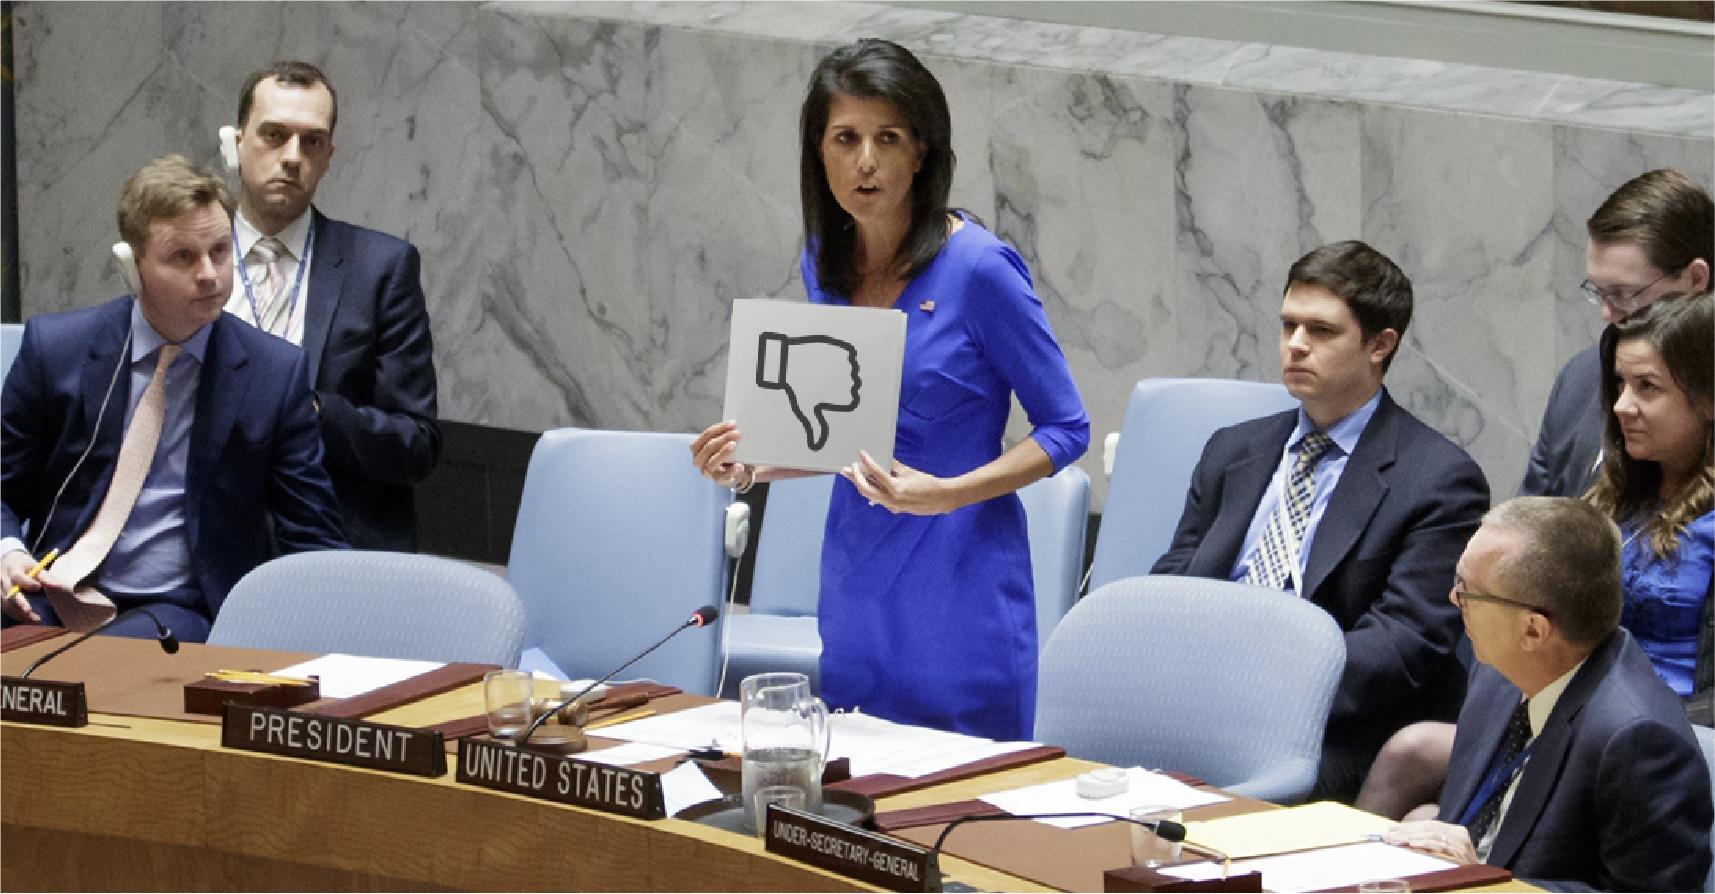 صورة مجلس الأمن يقرر الاجتماع للحصول على فيتو أمريكي جديد حول القدس